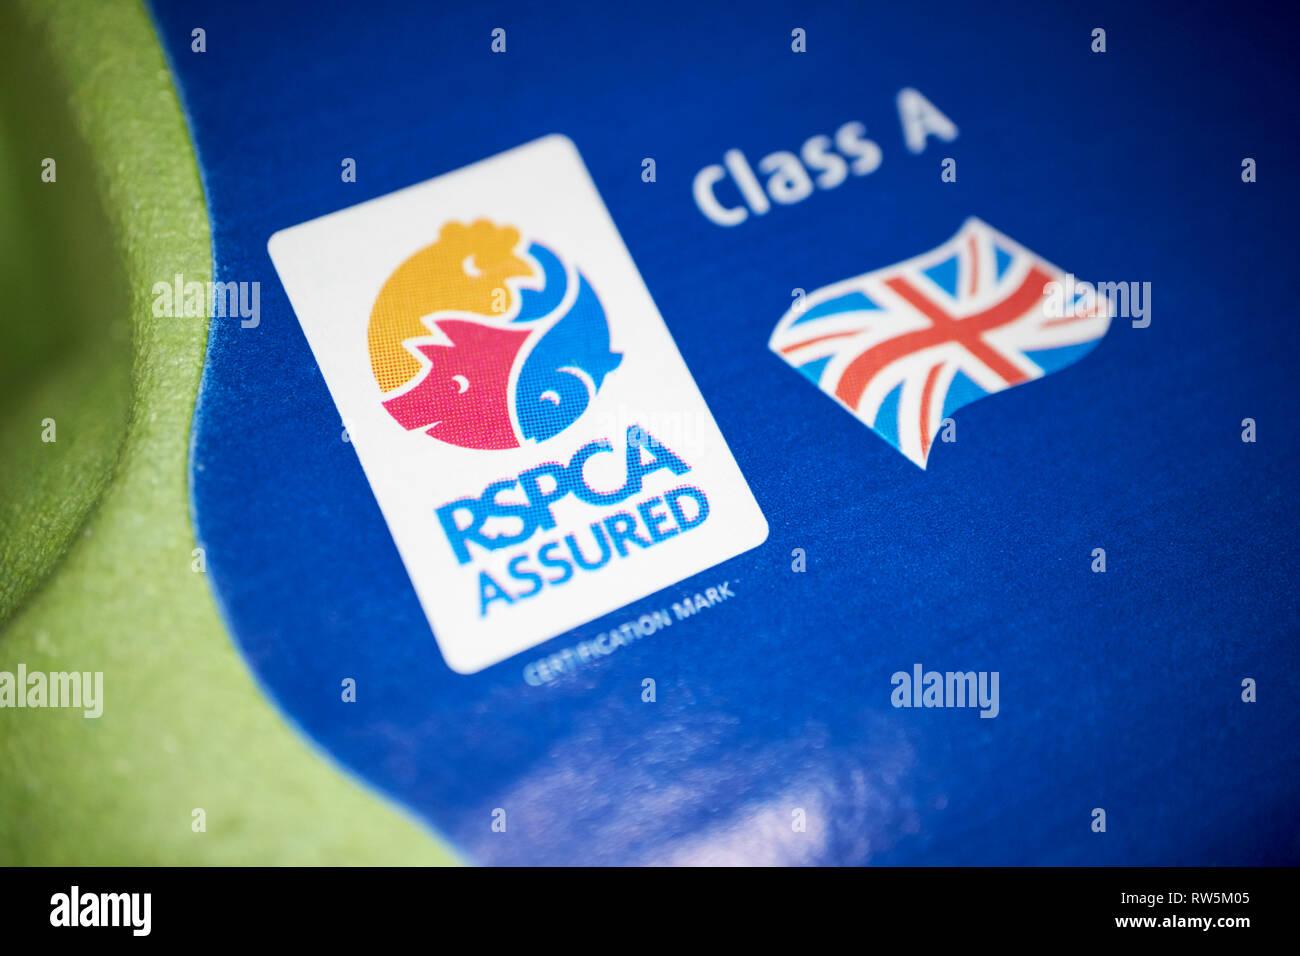 Rspca norme in materia di benessere degli animali mark e unione di bandiera su un pacco di uova britannico Immagini Stock